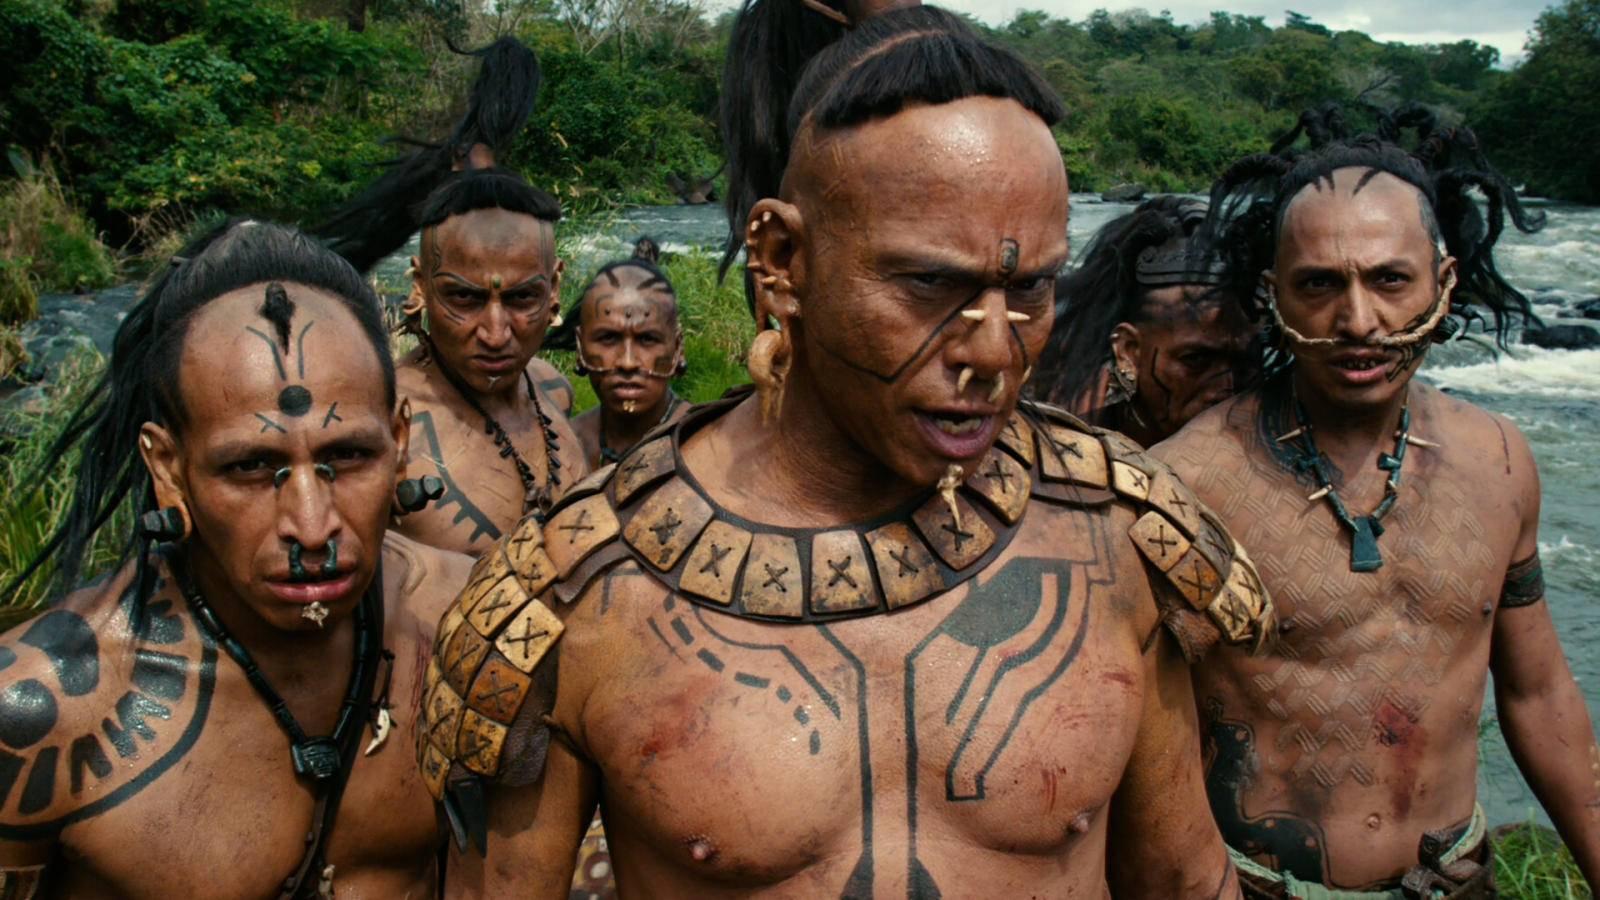 посты пунктах племя майя фото картинки какой